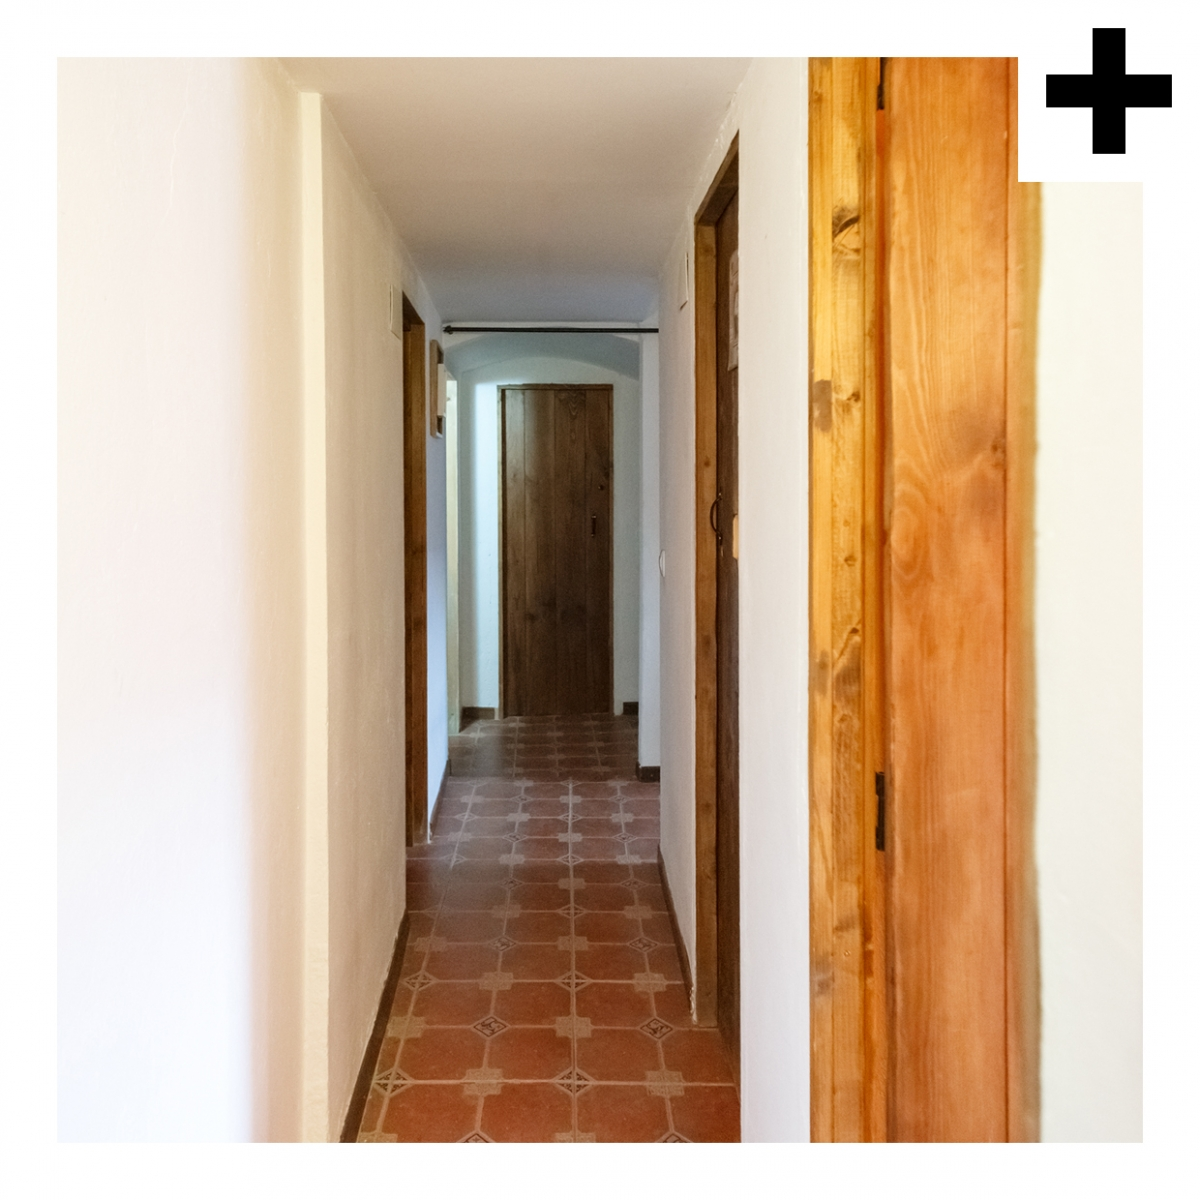 Imagen en la que se ve el plural del concepto pasillo